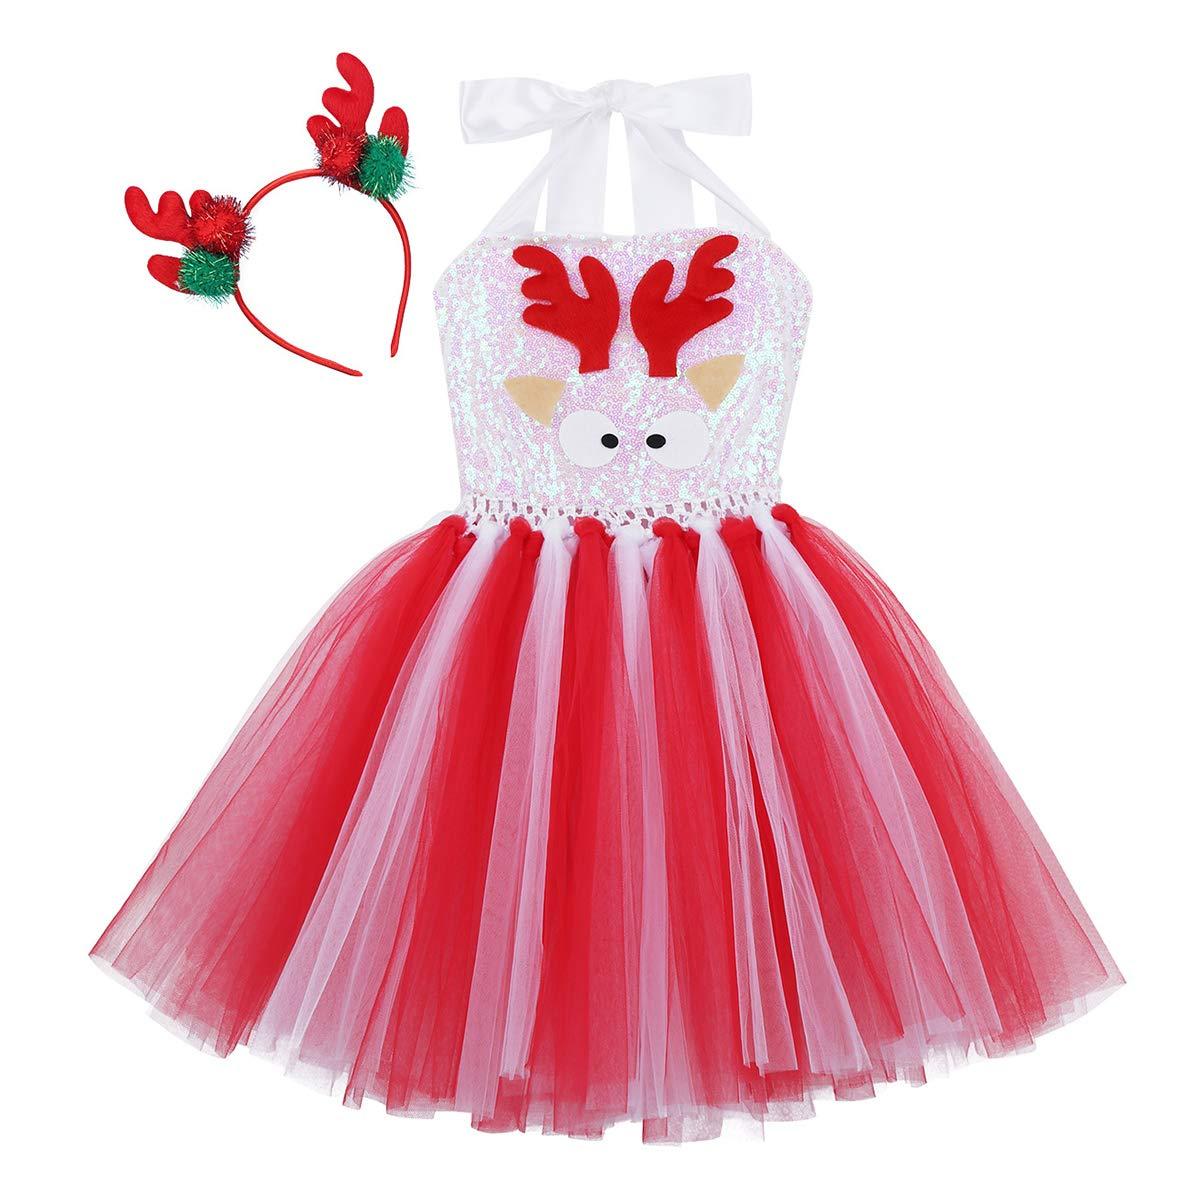 inhzoy Disfraz de Reno Navidad para Ni/ña Vestido Tut/ú de Princesa Lentejuelas Traje de Santa Navide/ño Diadema de Alce Disfraz Fiesta Cosplay